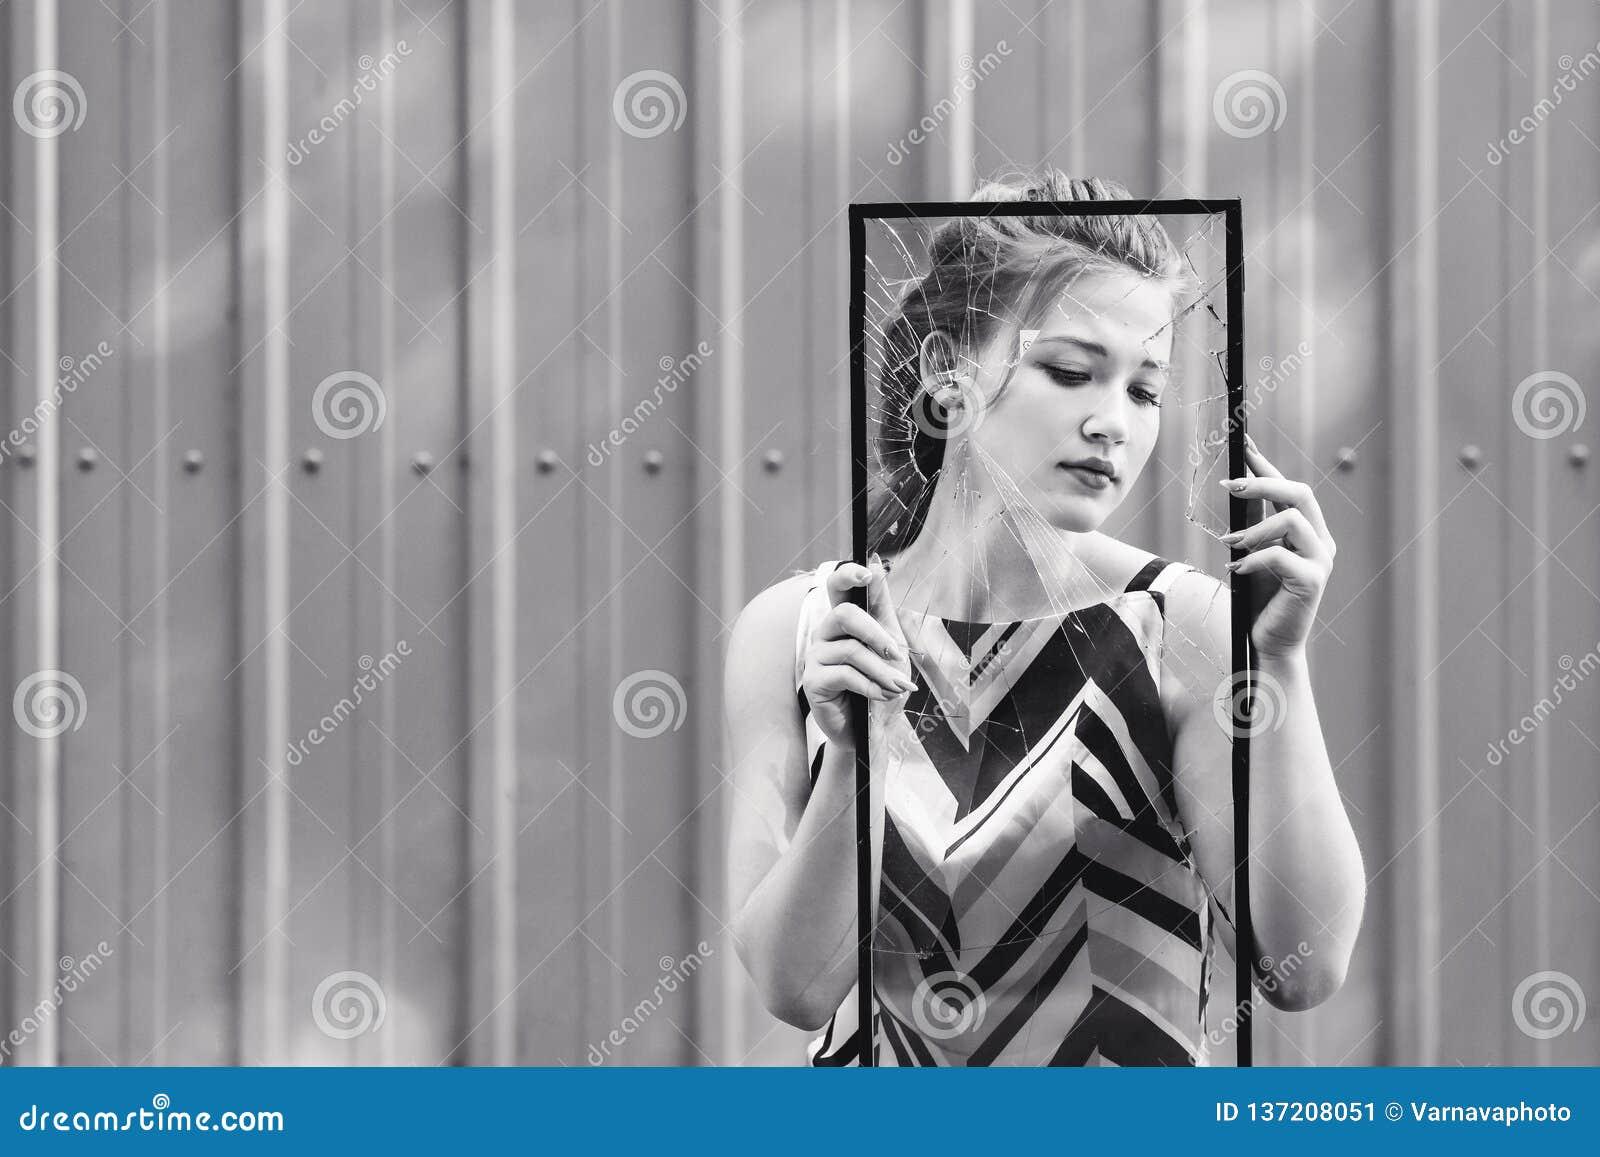 Bella ragazza teenager che tiene vetro rotto in sue mani concetto per sormontare le sfide nell adolescenza